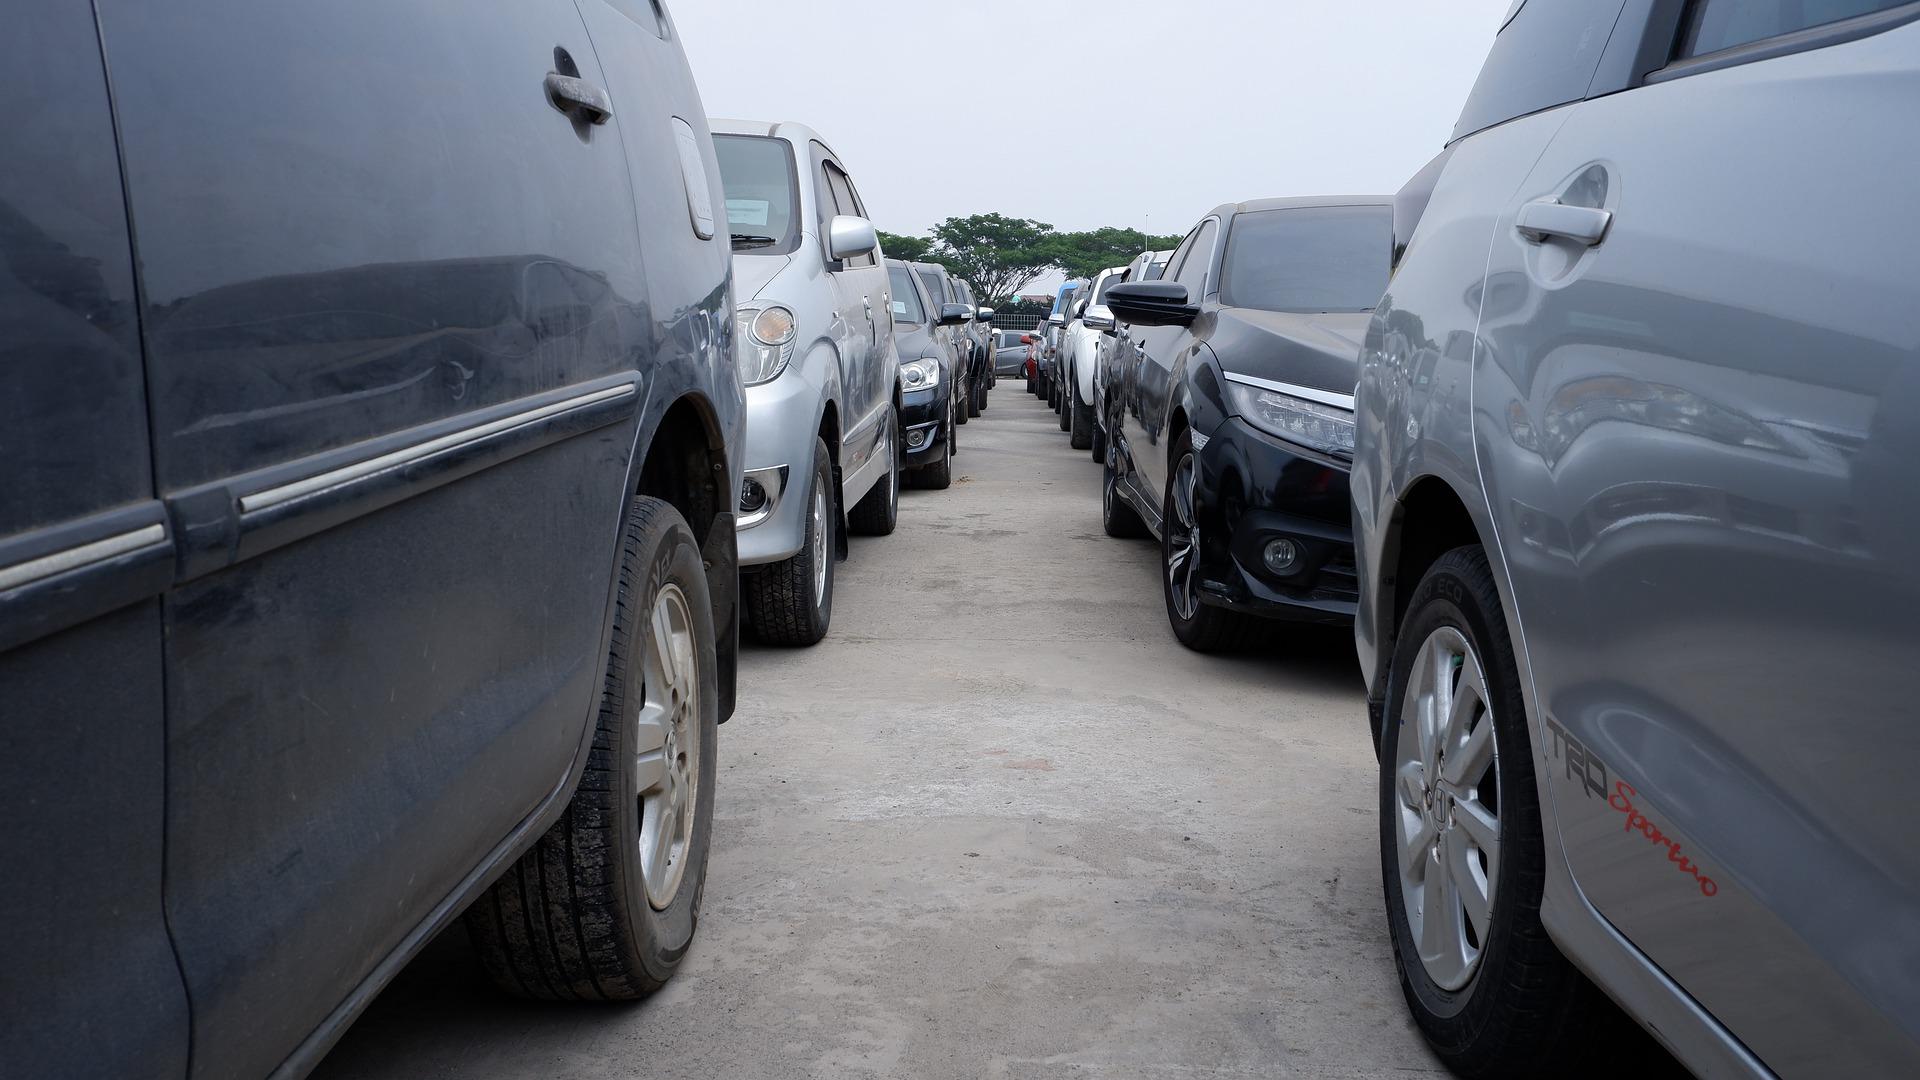 Yuk Sewa Mobil Avanza Jogja Harga di bawah 1 Juta Lho!